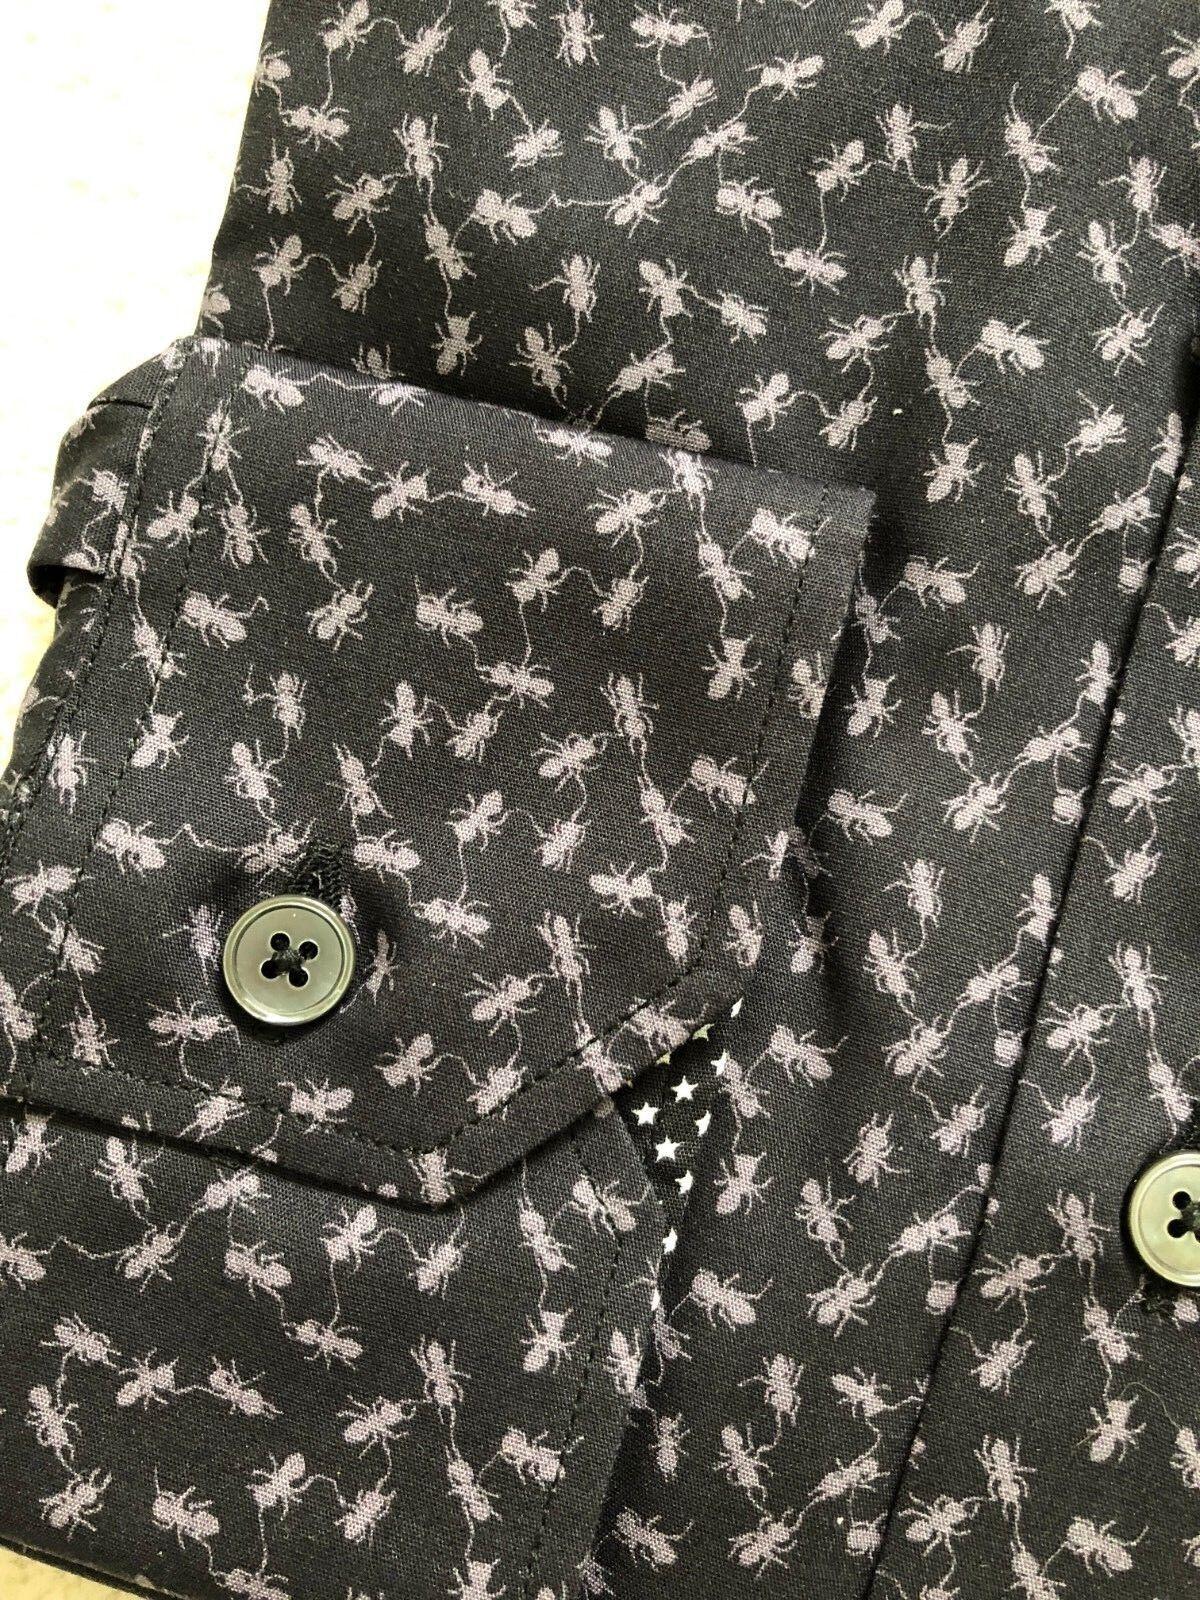 Paul Smith  Long Sleeve Formal TAILGoldt fit fit fit Shirt  ANT design -   | Produktqualität  22c38c